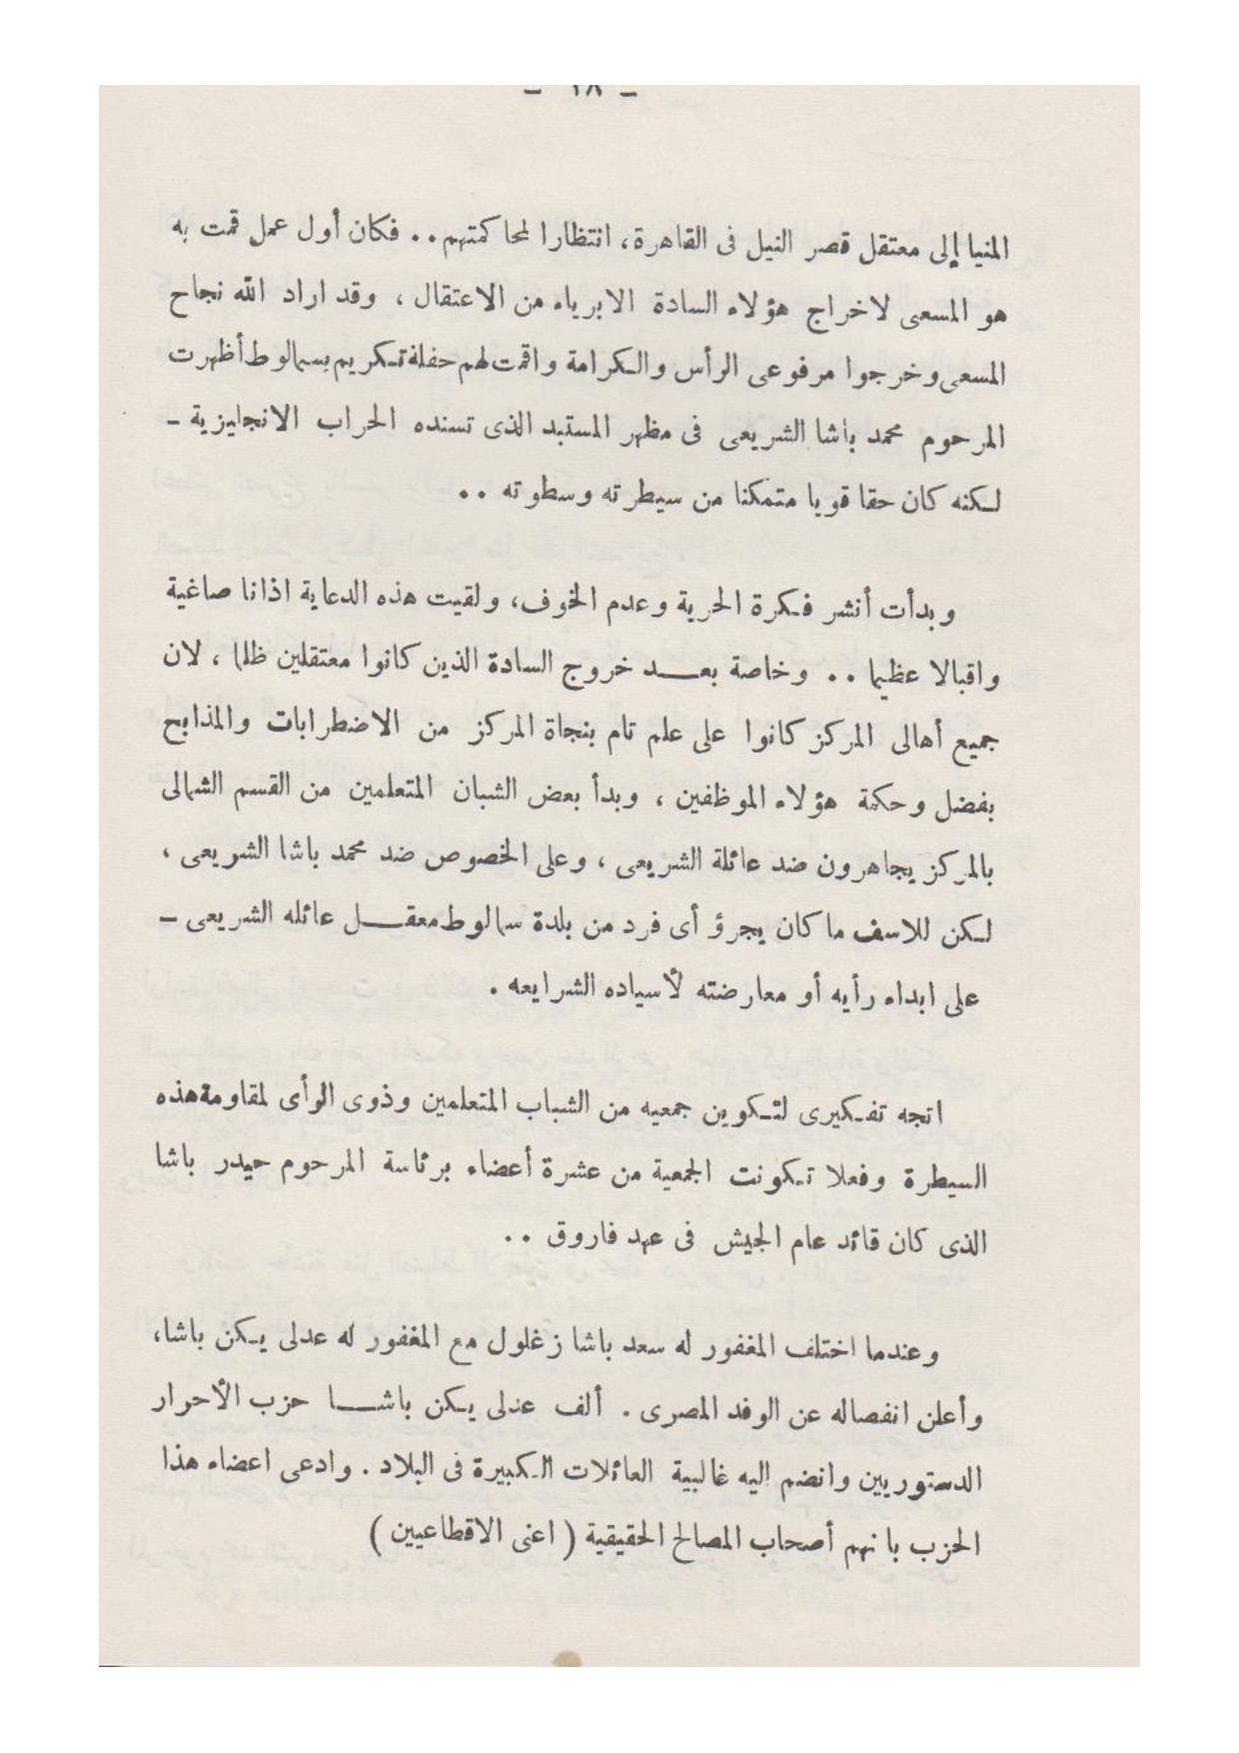 كتاب أصحاب الثروات الشباب pdf تحميل